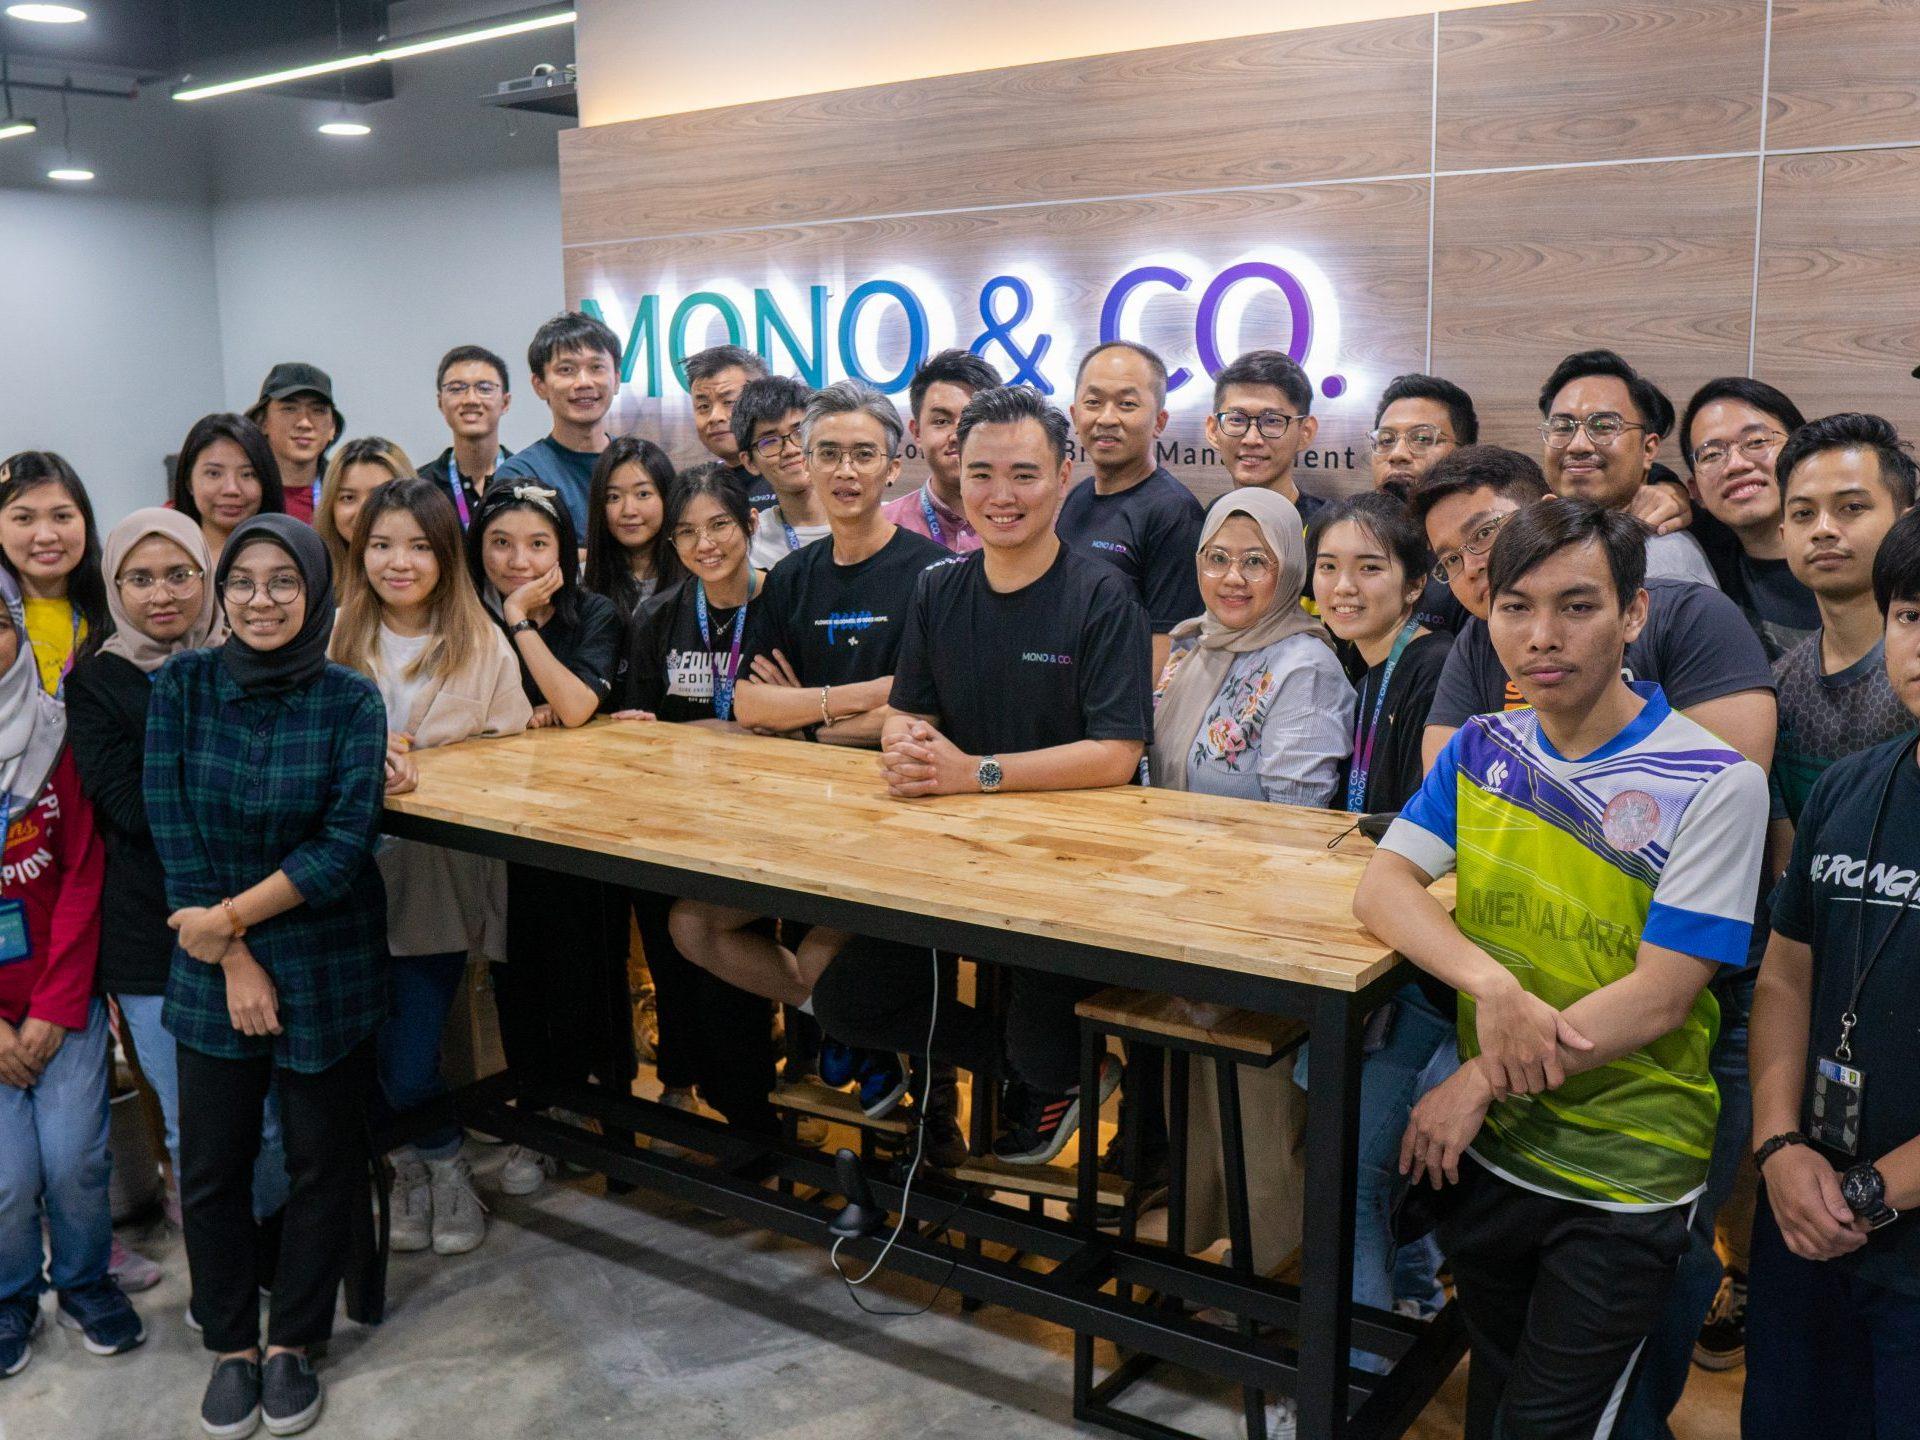 Mono & Co